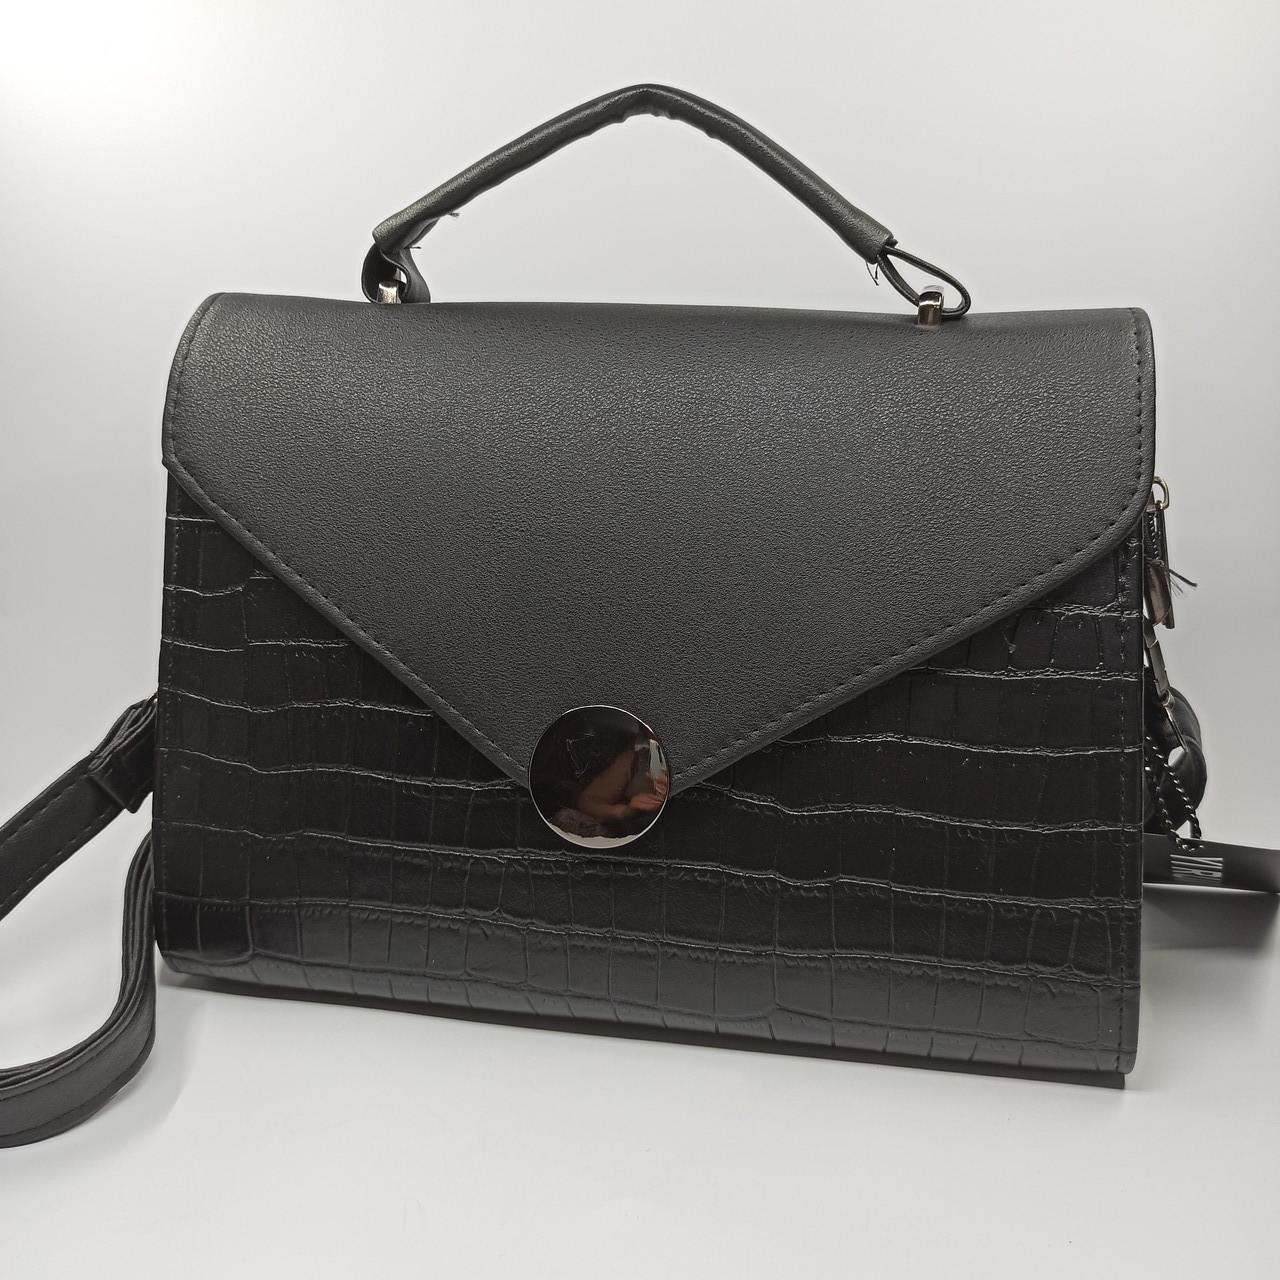 Жіноча сумка плншетка клатч / Женская сумка планшетка клатч 9116